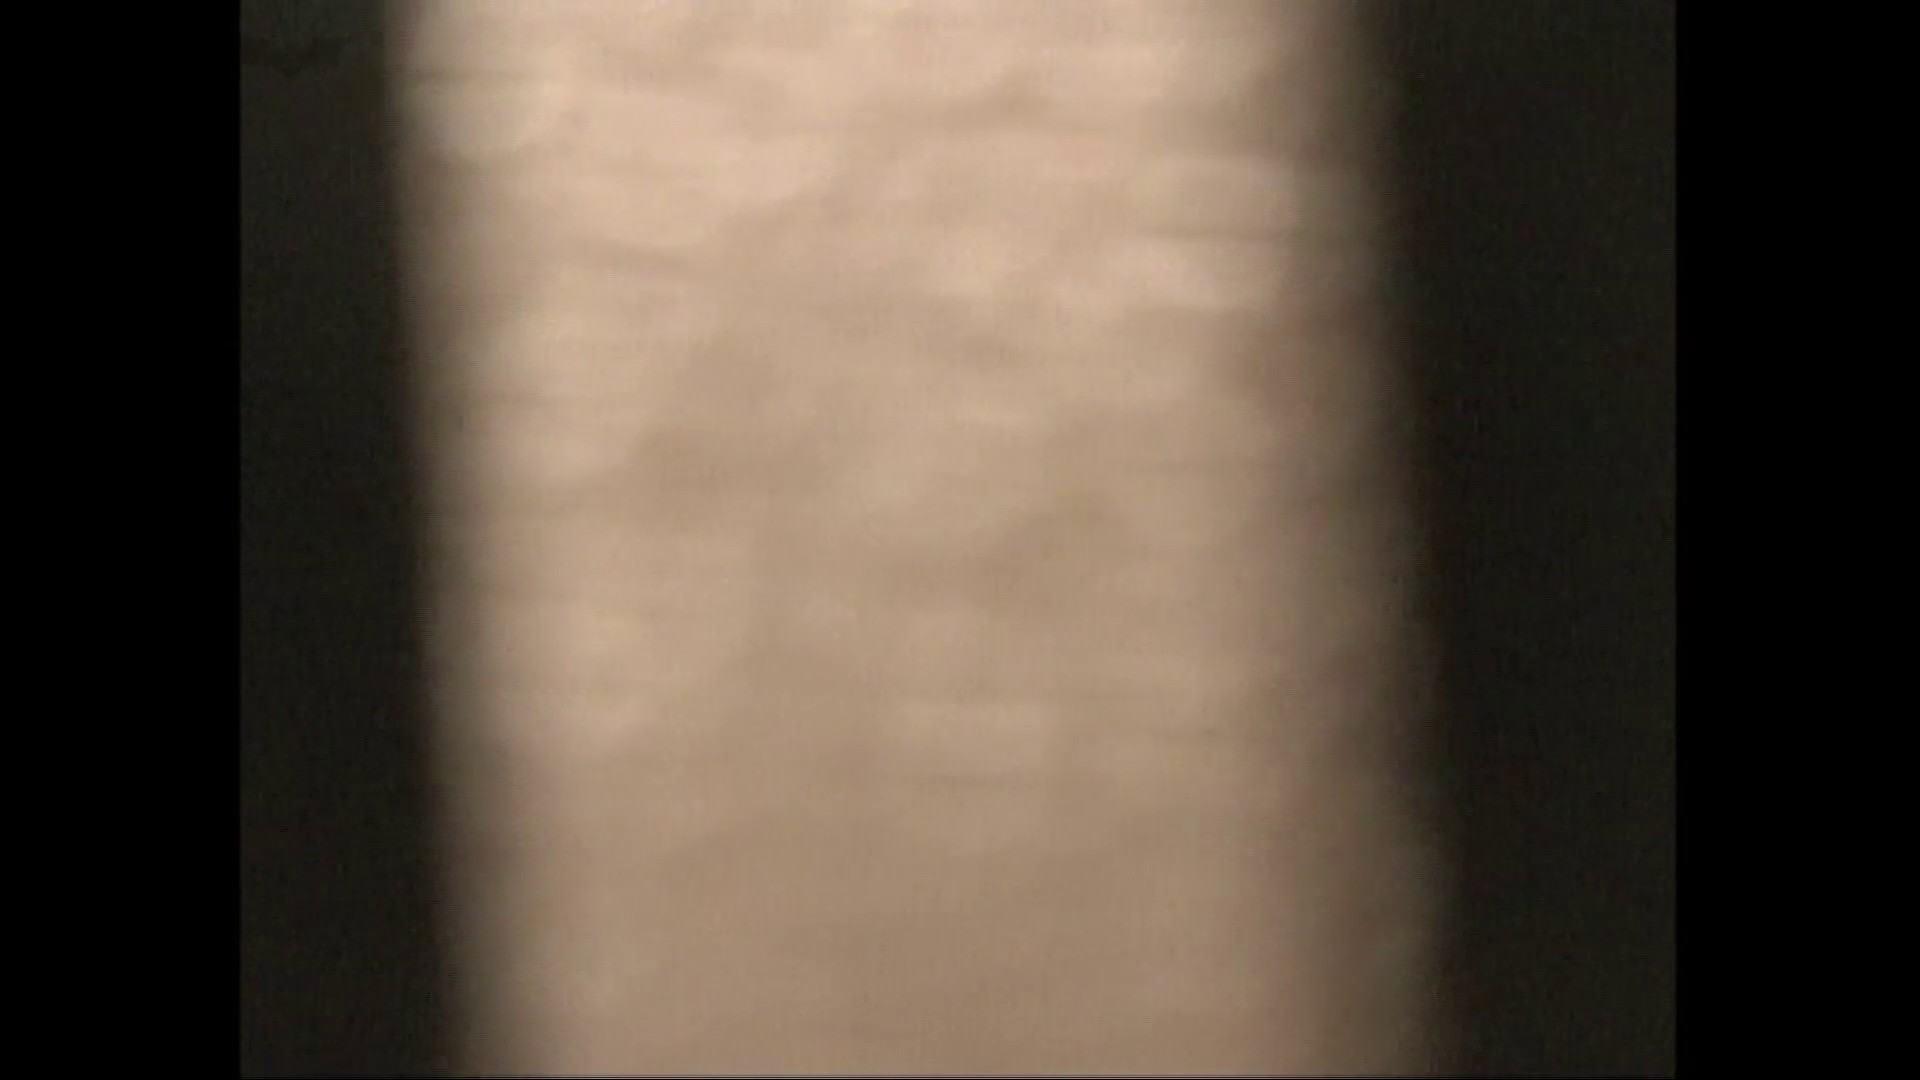 隙間からノゾク風呂 Vol.29 股をグイッとひらいて・・・。 入浴中の女性 | OLのボディ  69PIX 17